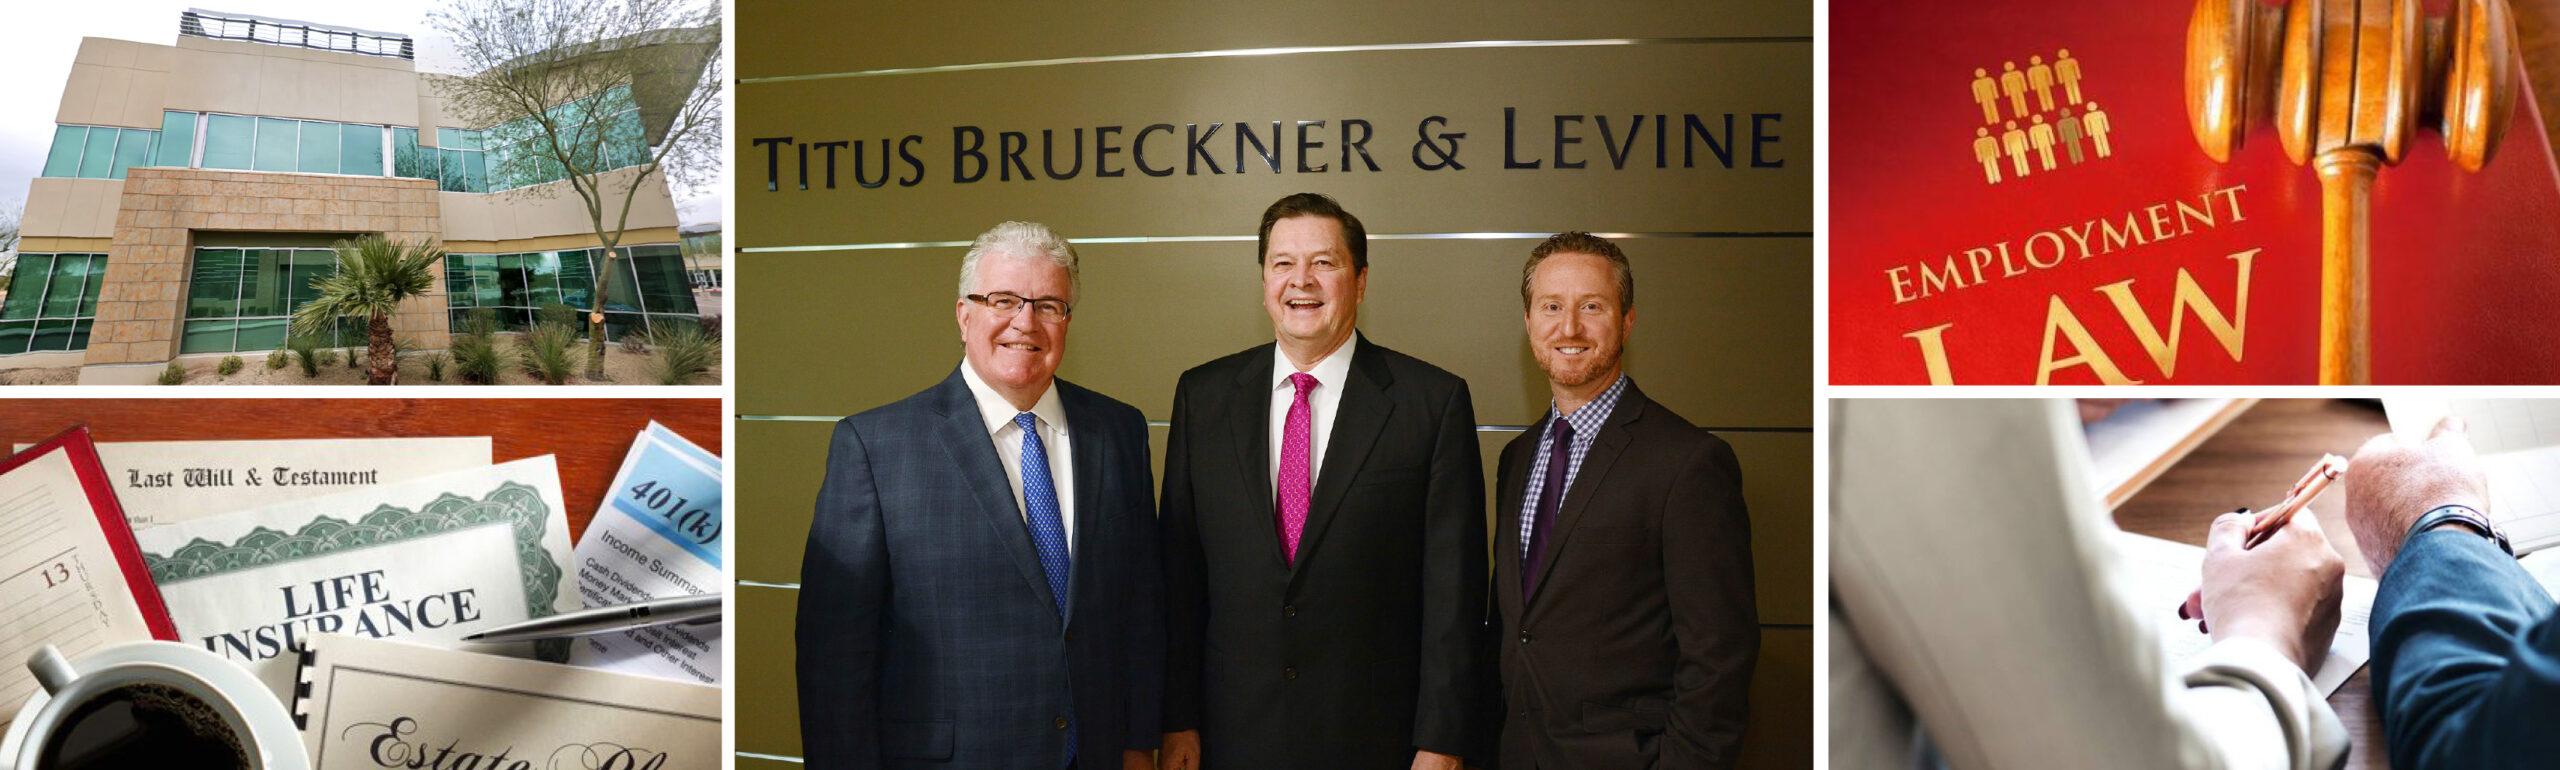 Titus Brueckner & Levine PLC is one of the best!